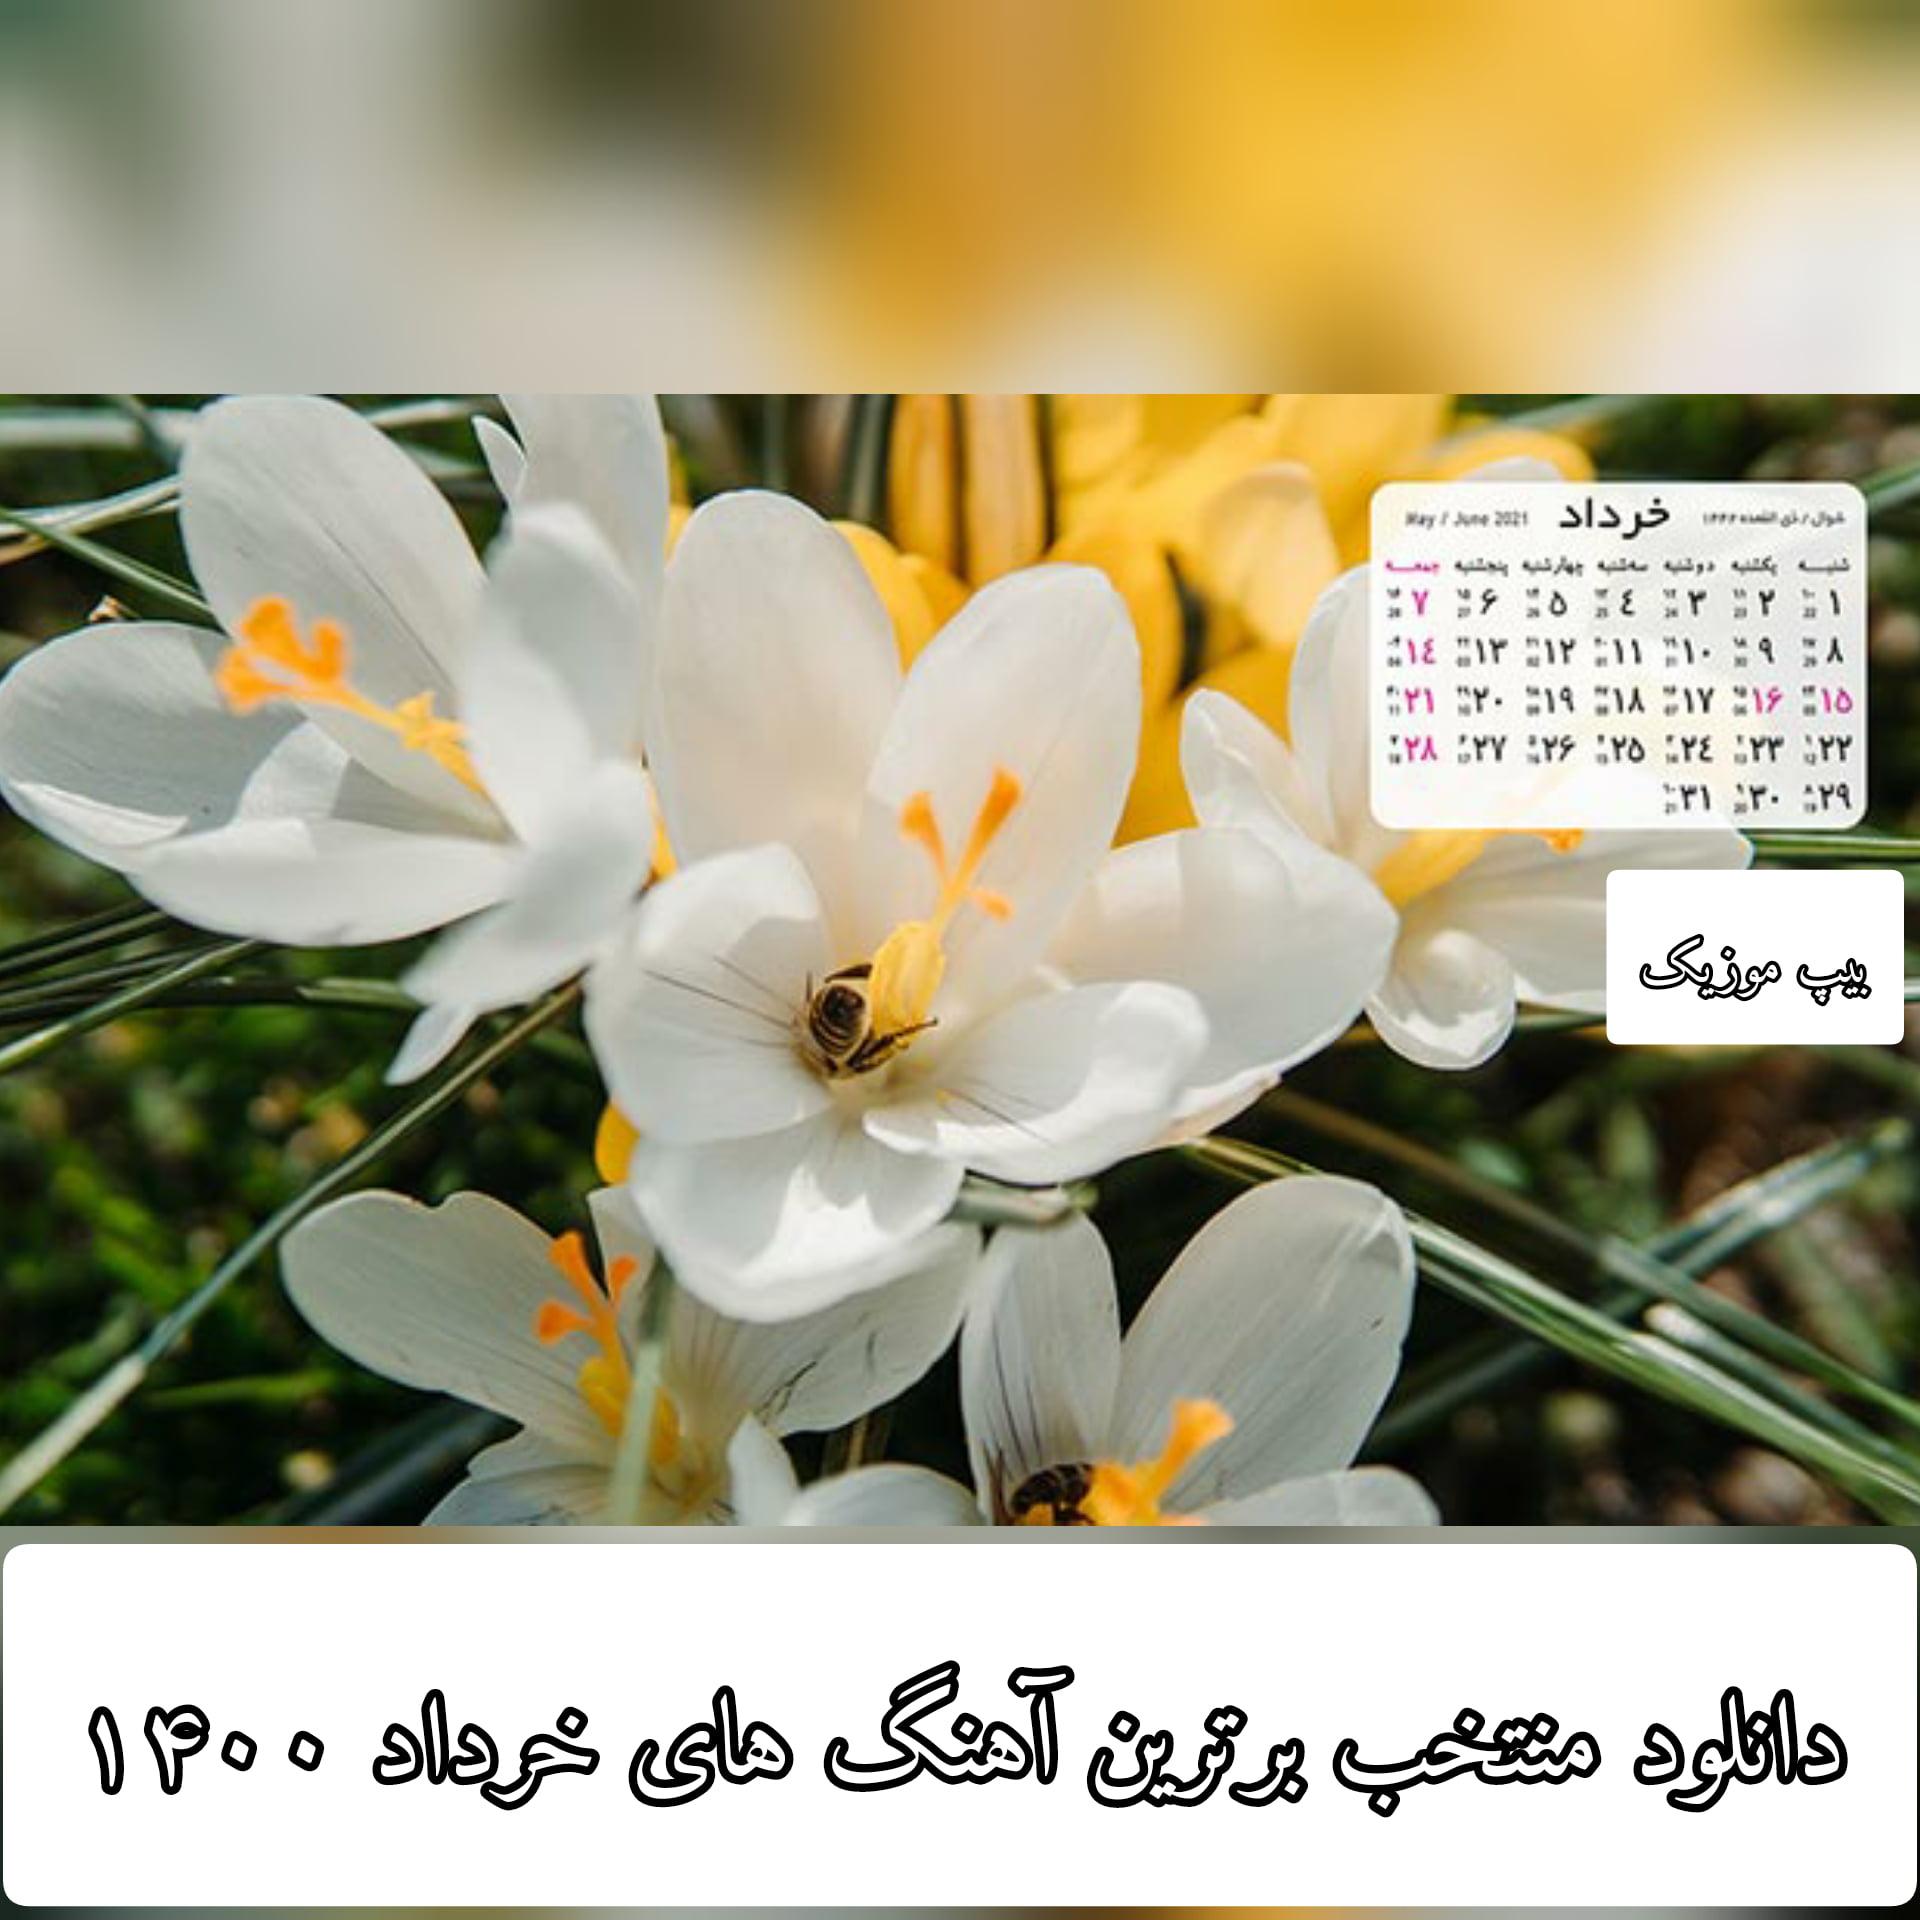 منتخب برترین آهنگ های خرداد ۱۴۰۰